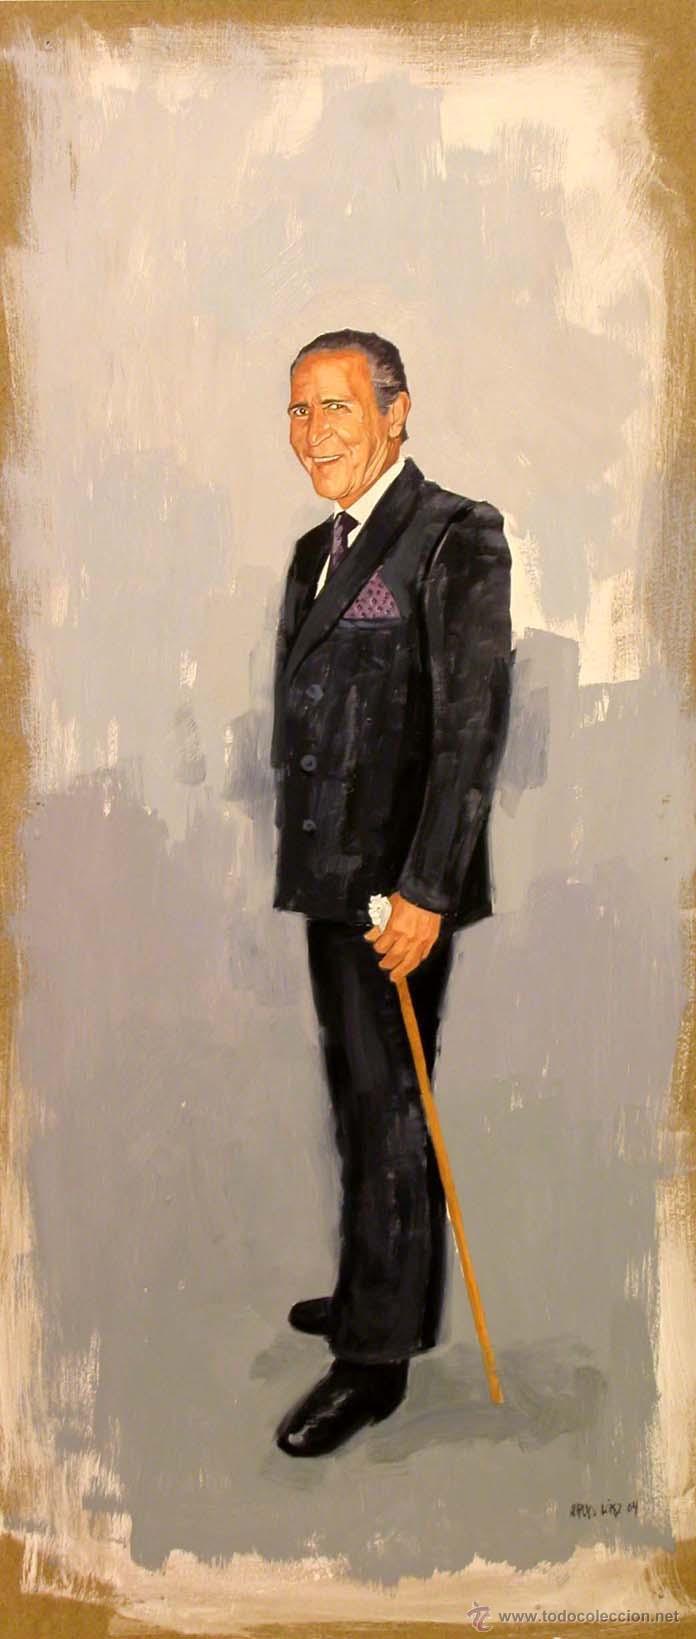 PINTURA FIGURATIVA RETRATO ANTONIO GALA (Arte - Pintura - Pintura al Óleo Contemporánea )